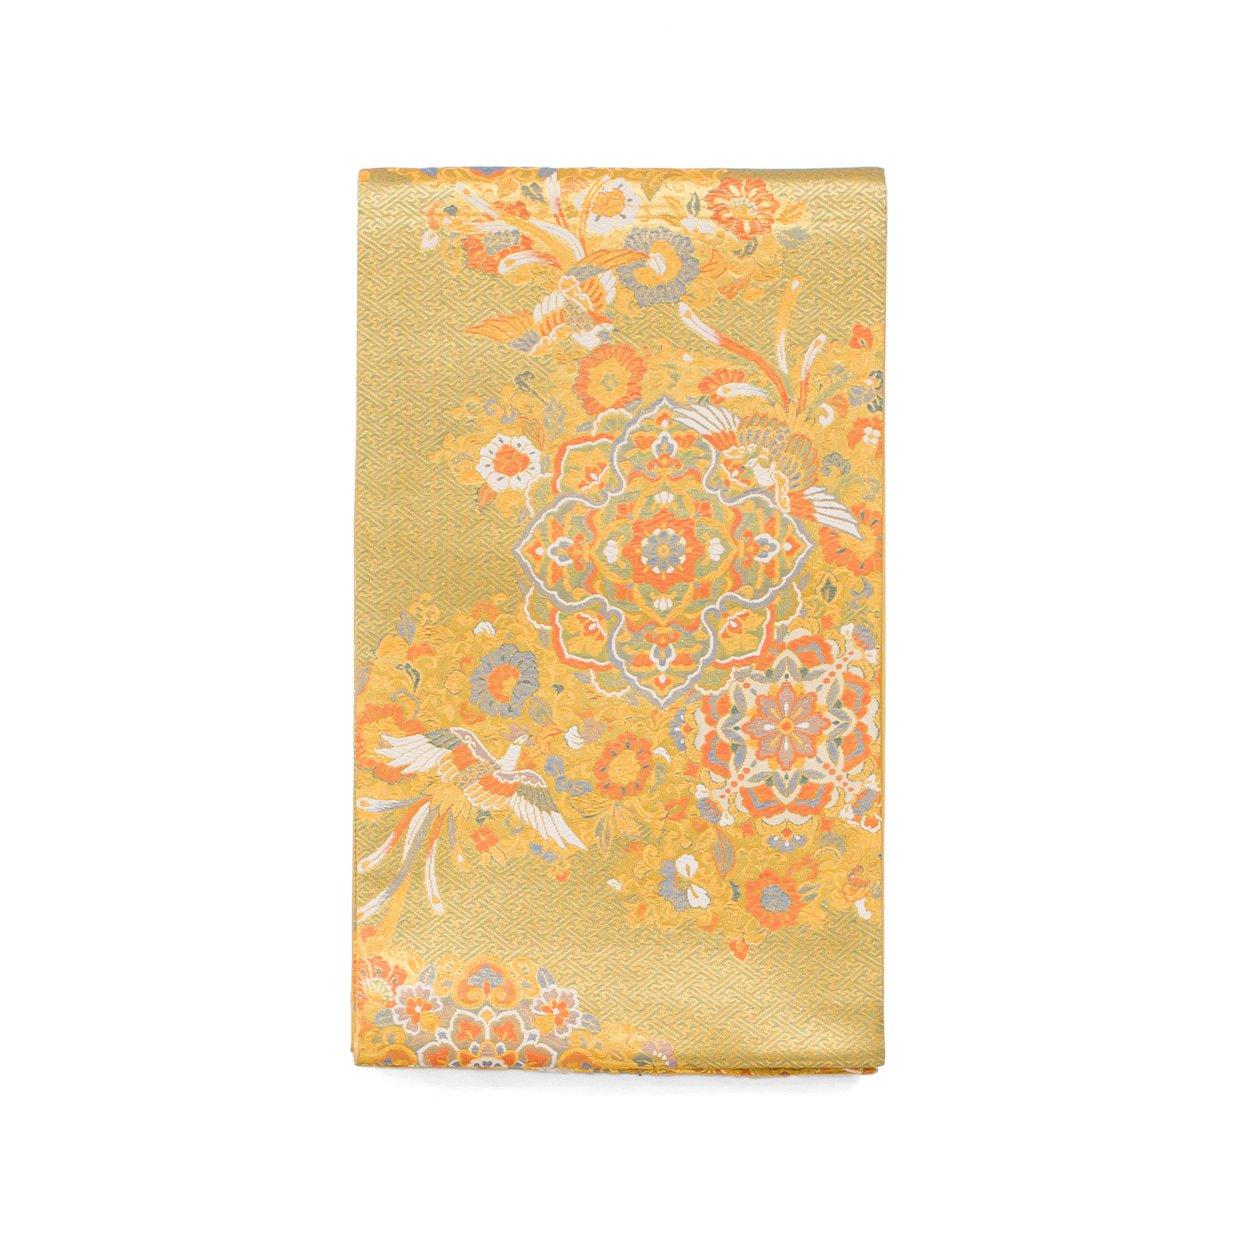 「袋帯●華紋と鳳凰」の商品画像